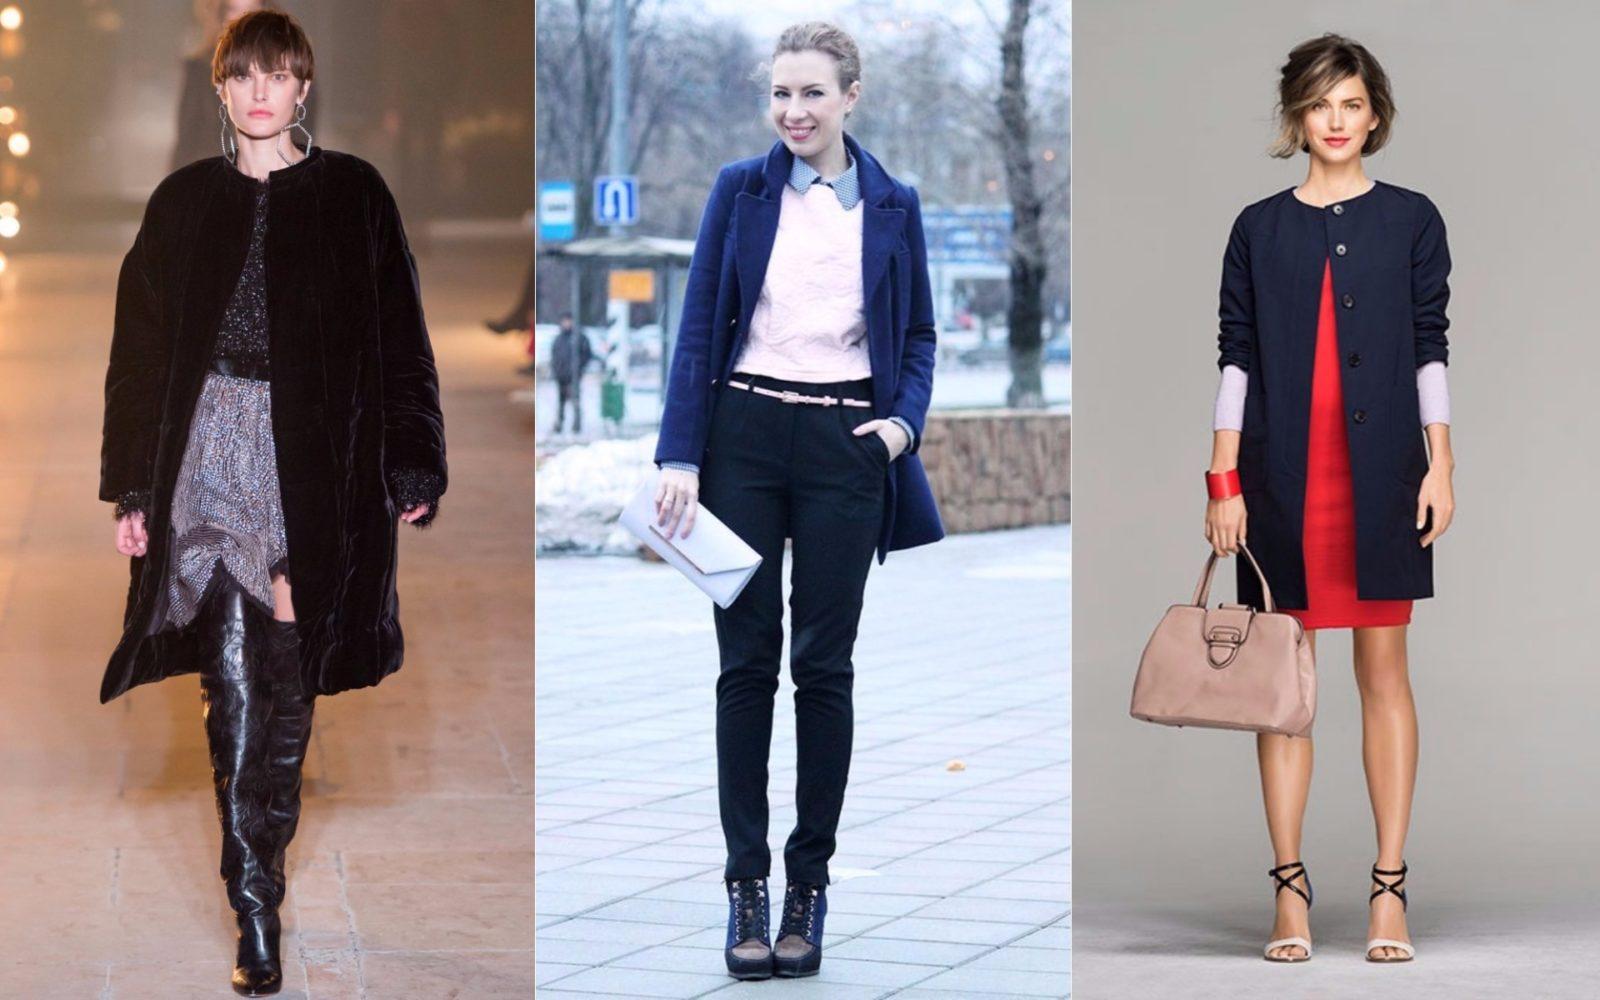 короткое пальто мини, пальто пиджак. Синее с узкими брюками, в сочетании с юбкой и платьем